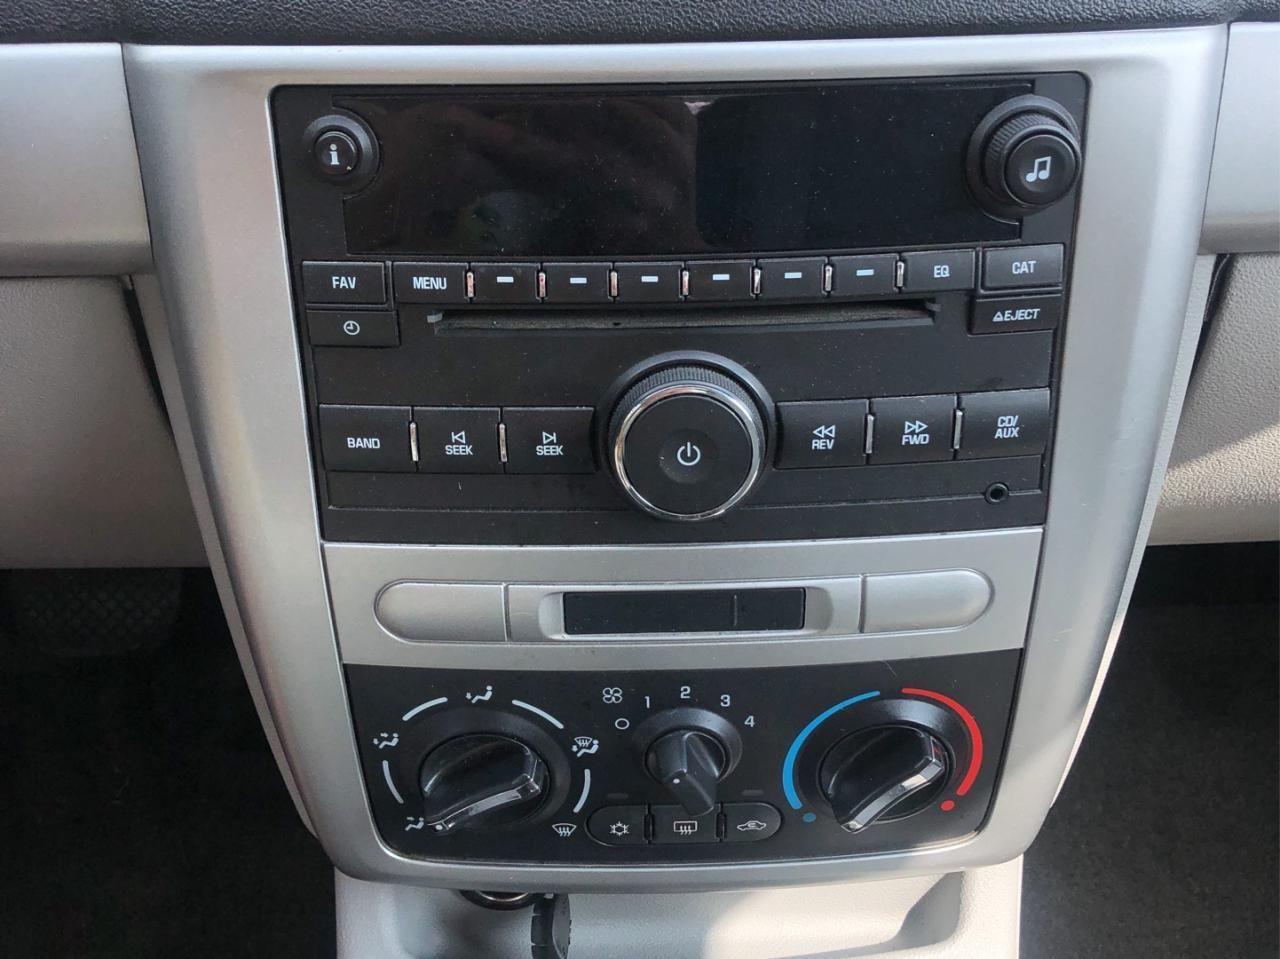 2010 Pontiac G5